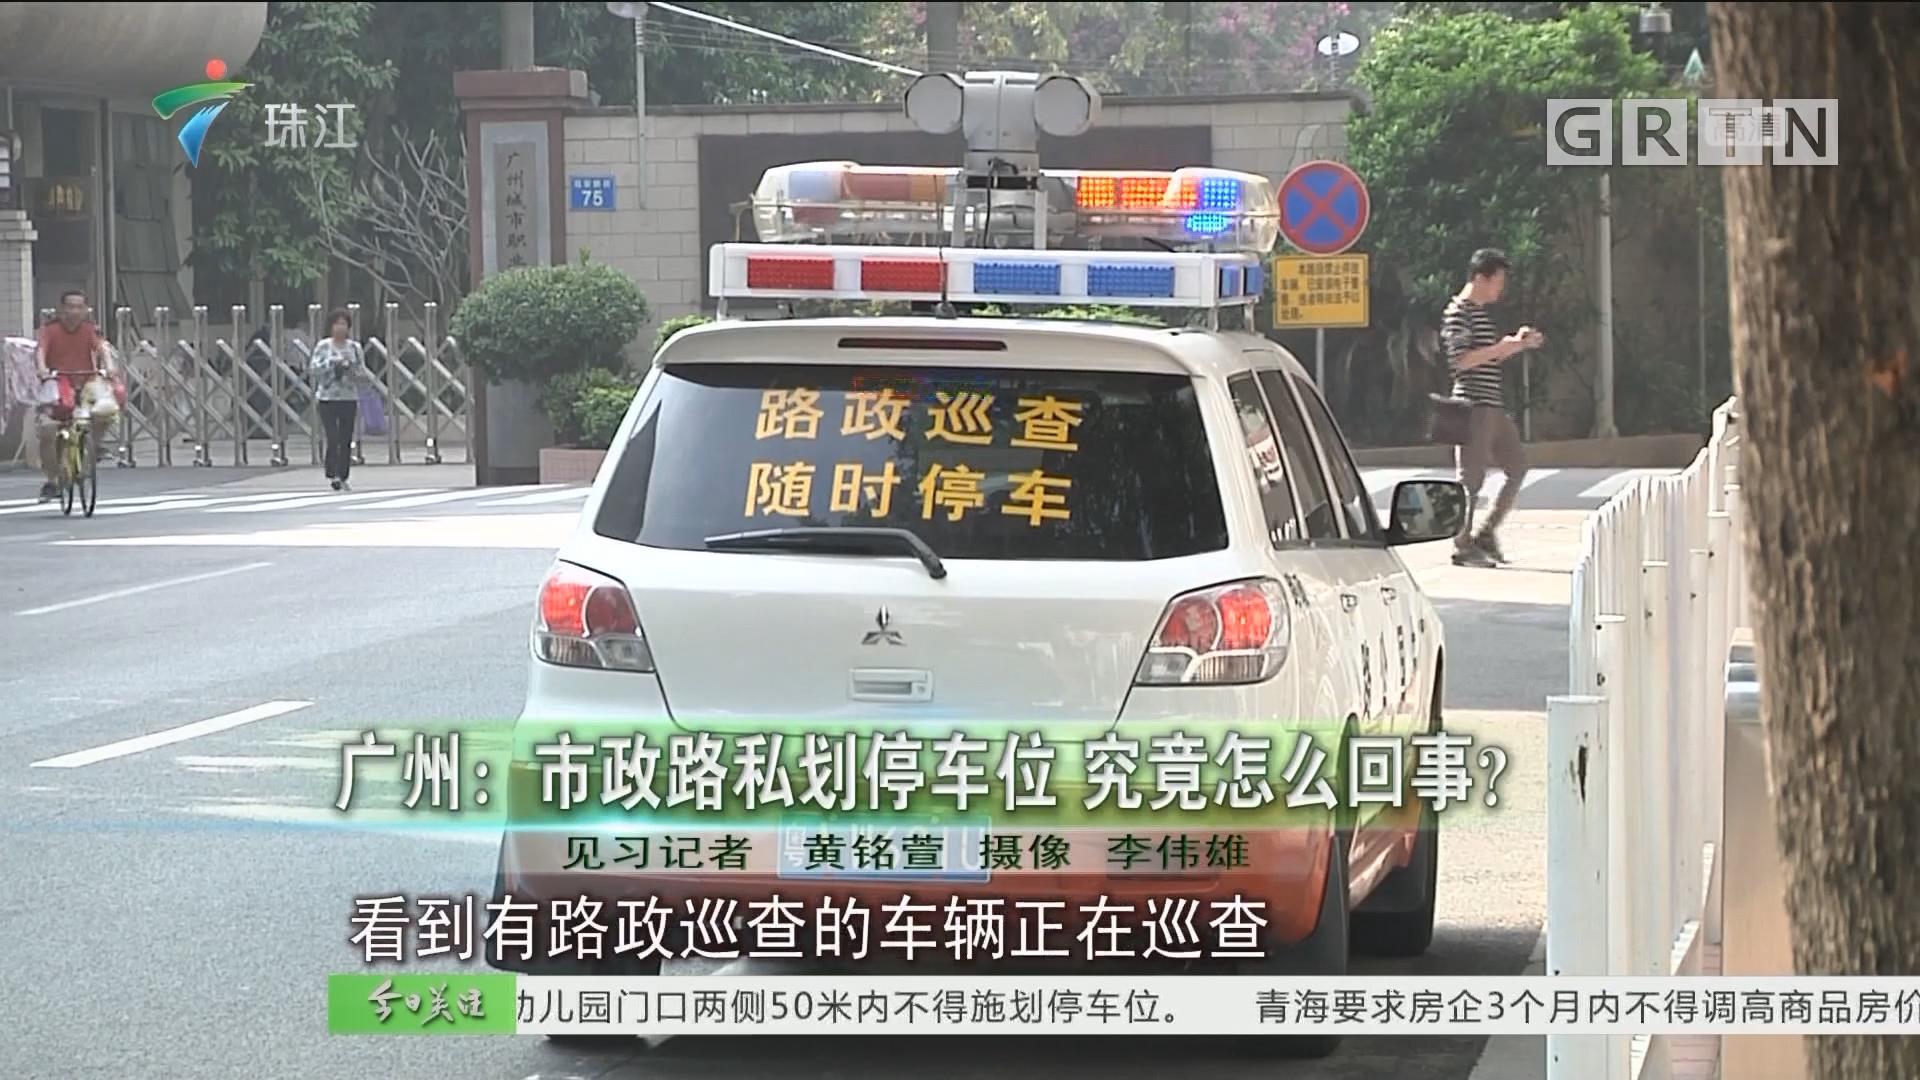 广州:市政路私划停车位 究竟怎么回事?